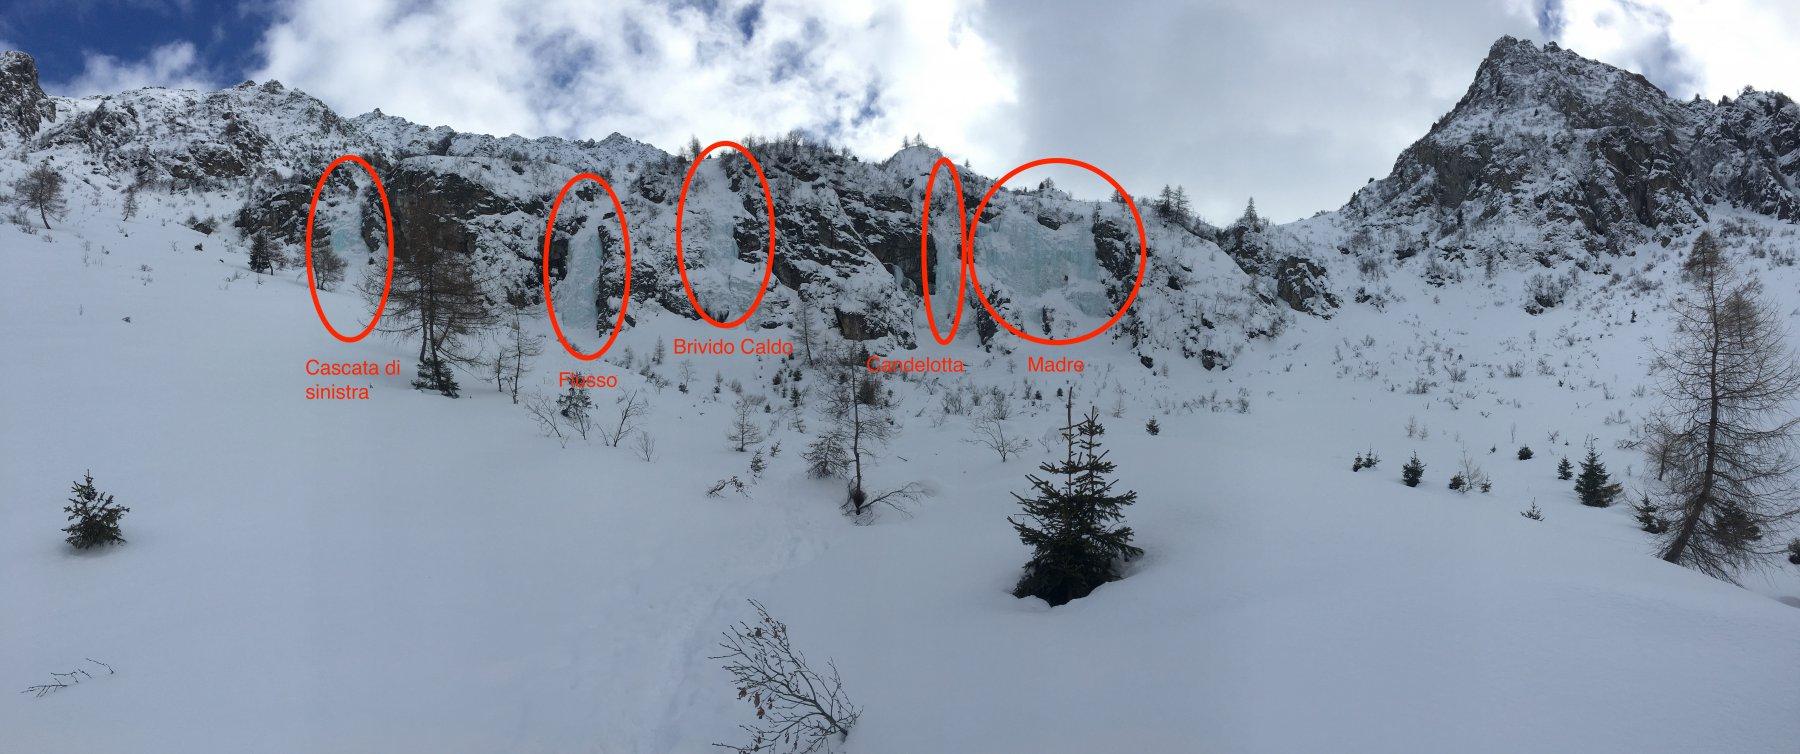 Valbione (Conca di) Flusso (Cascata) 2018-02-18